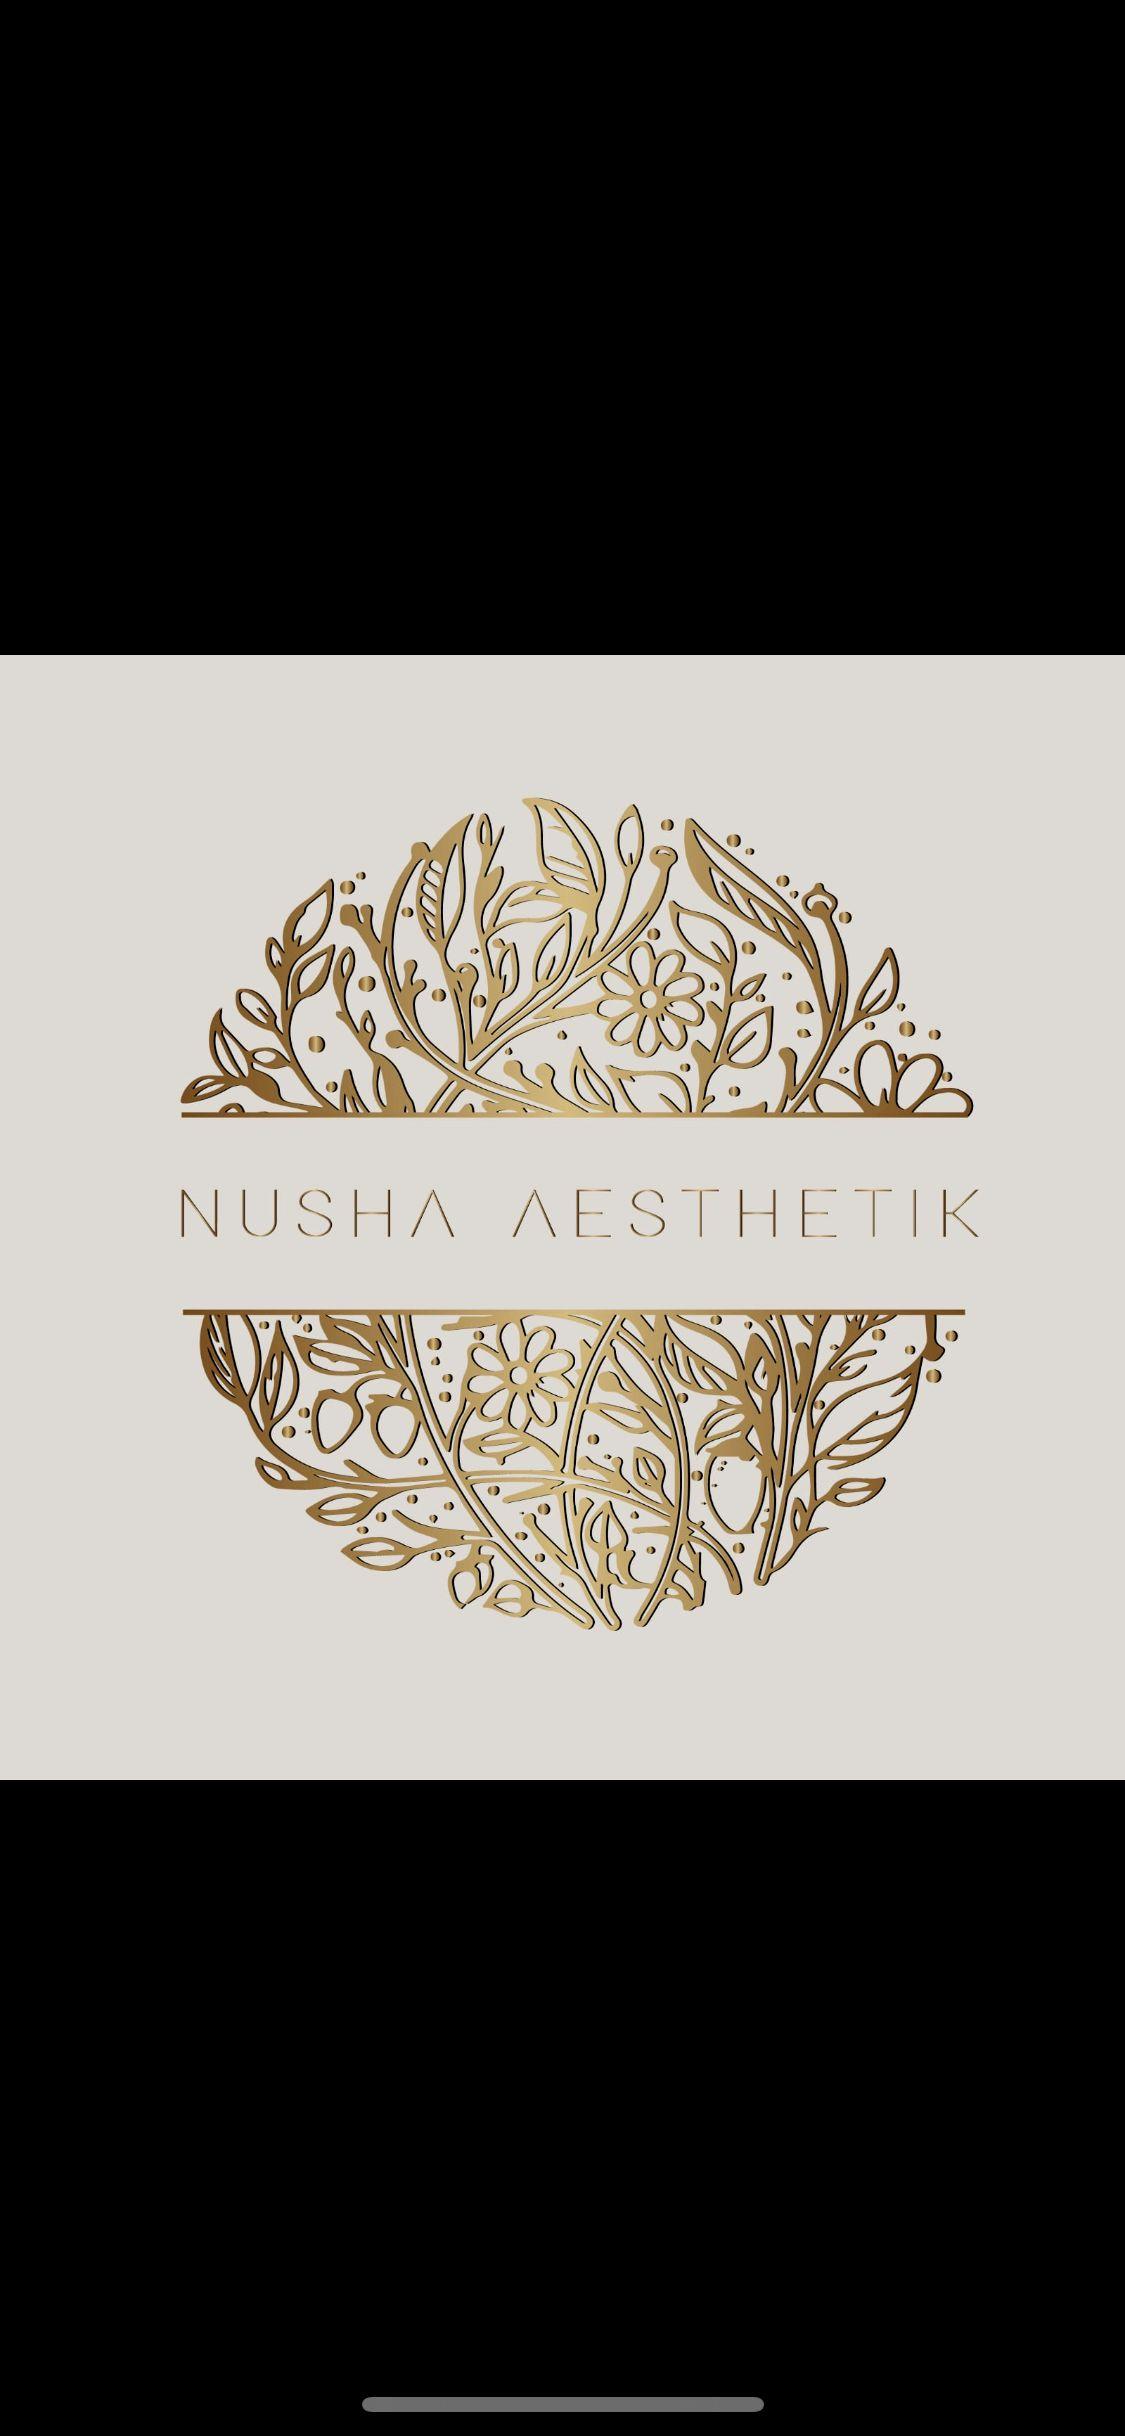 Nusha Aesthetik